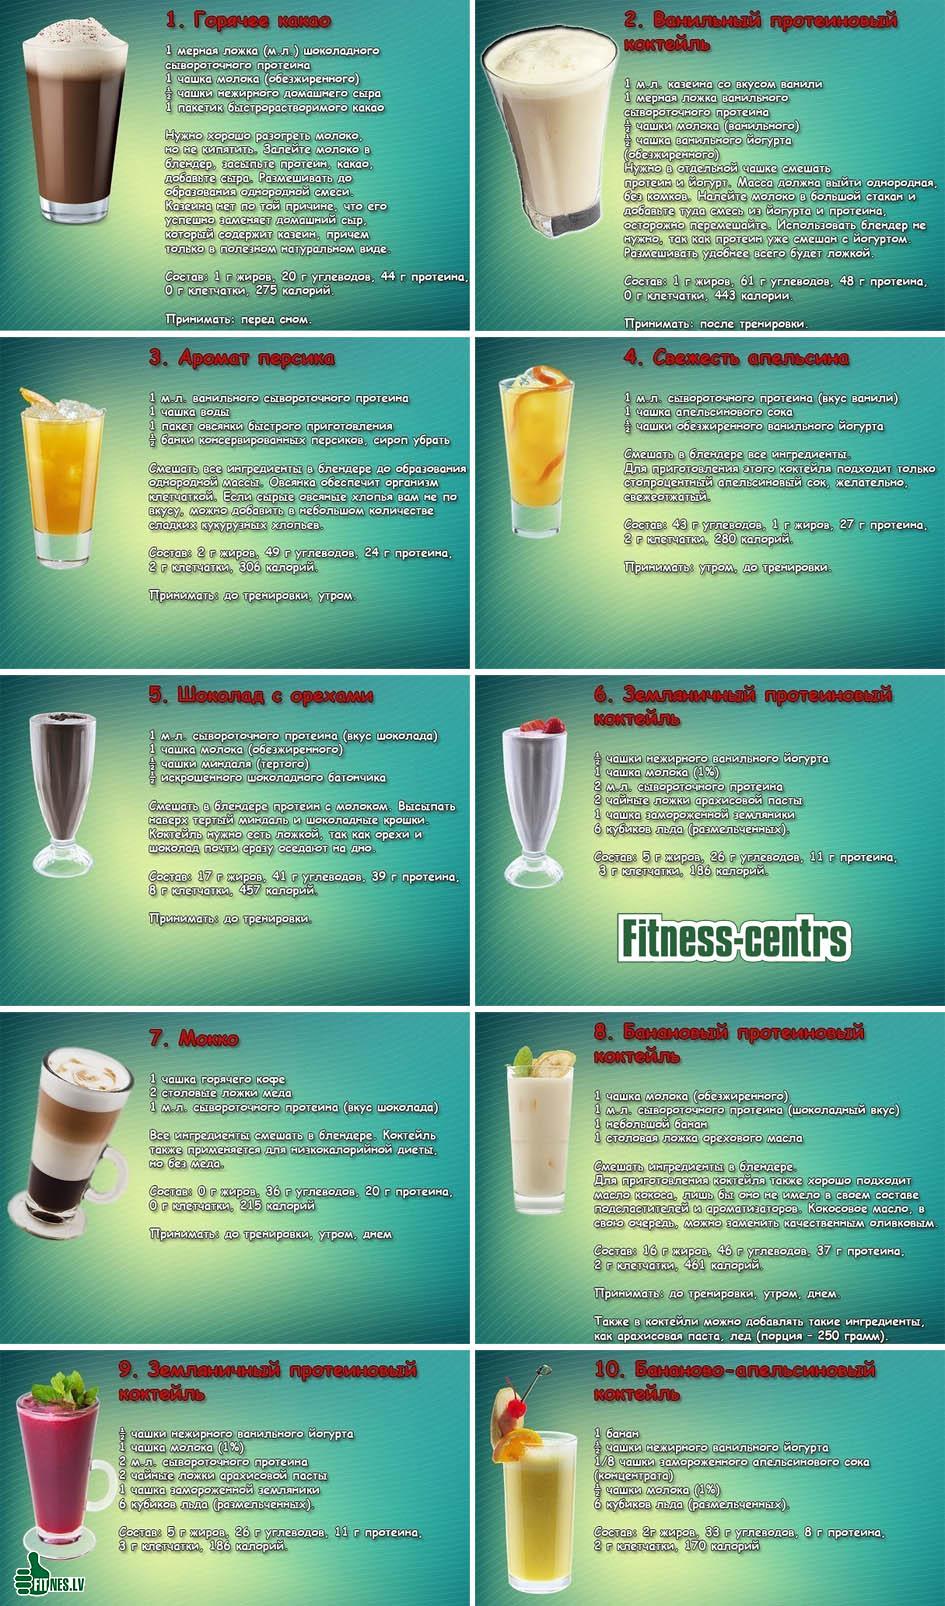 http://img.fitnes.lv/2/Protein_399947352.jpg